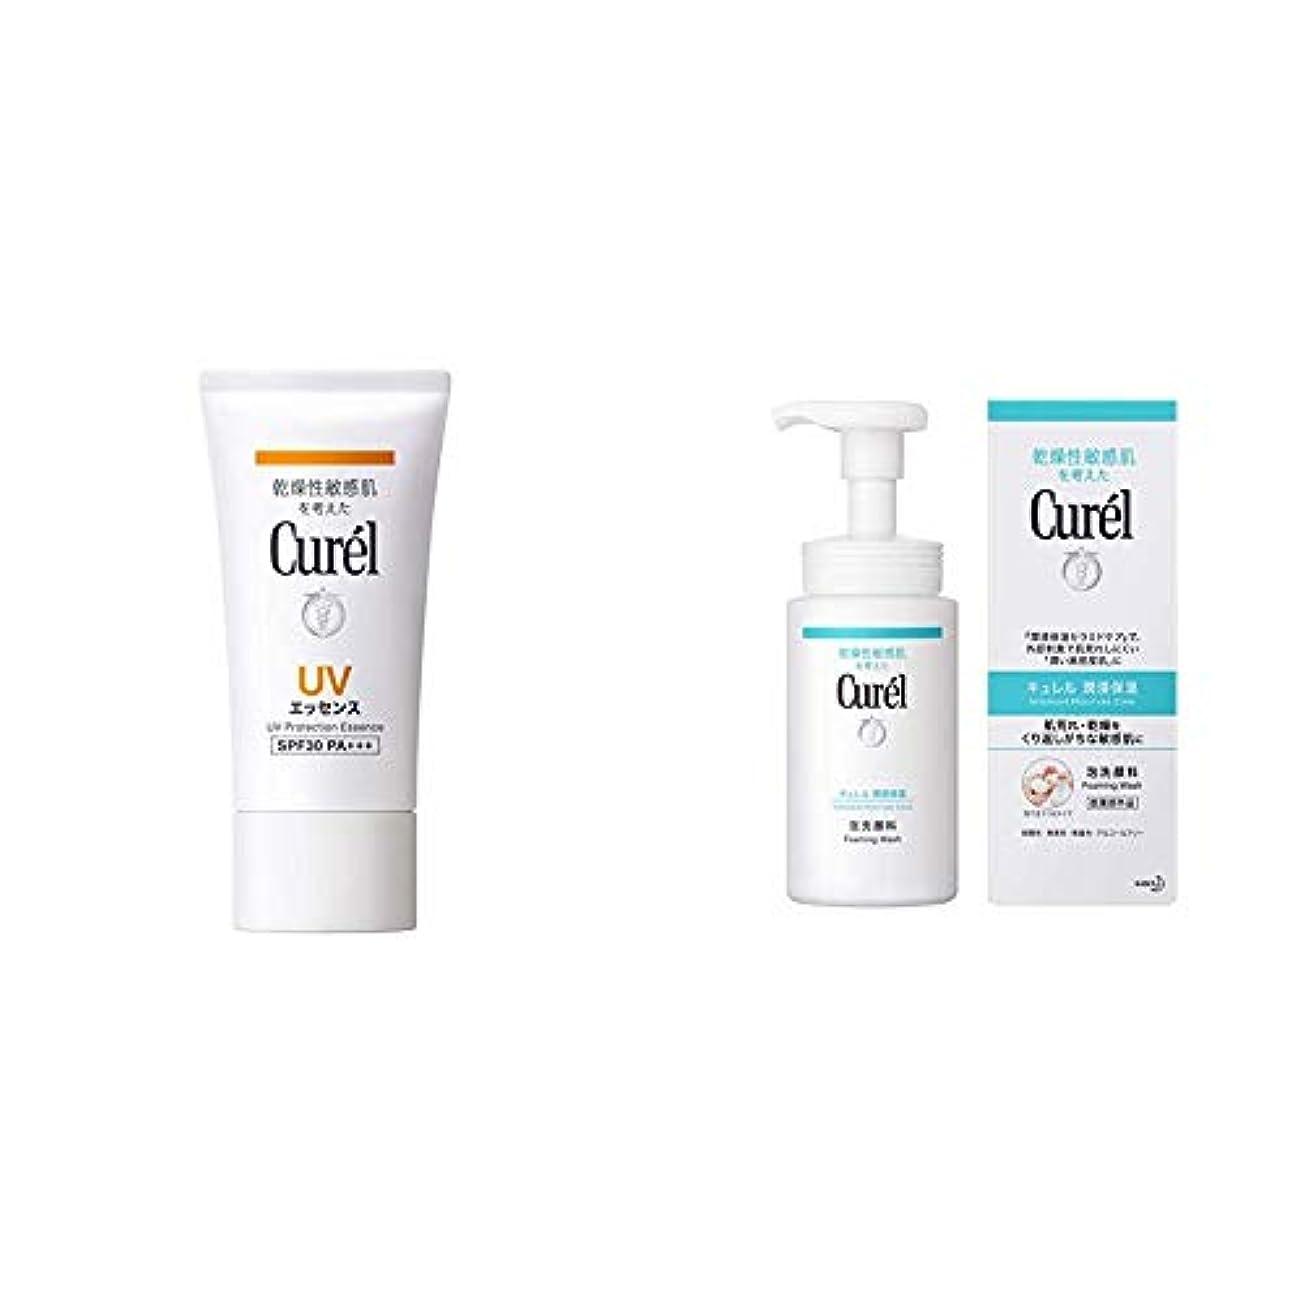 セール謝る海岸キュレル UVエッセンス SPF30 50g(赤ちゃんにも使えます) & 泡洗顔料 150ml